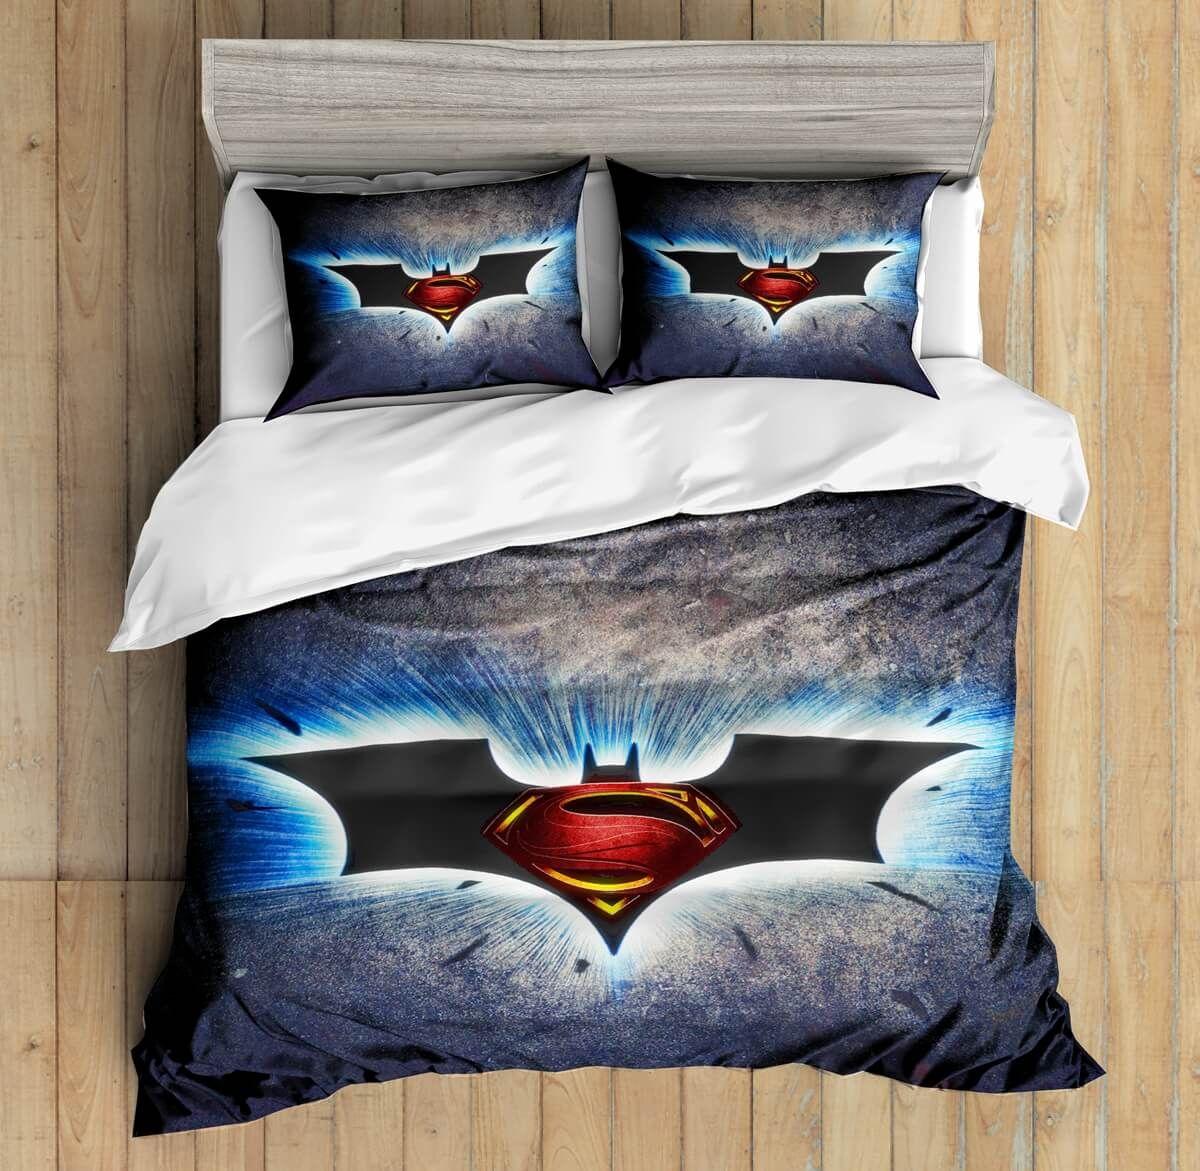 3d Custom Batman Vs Superman Bedding Set Duvet Cover Set Bedroom